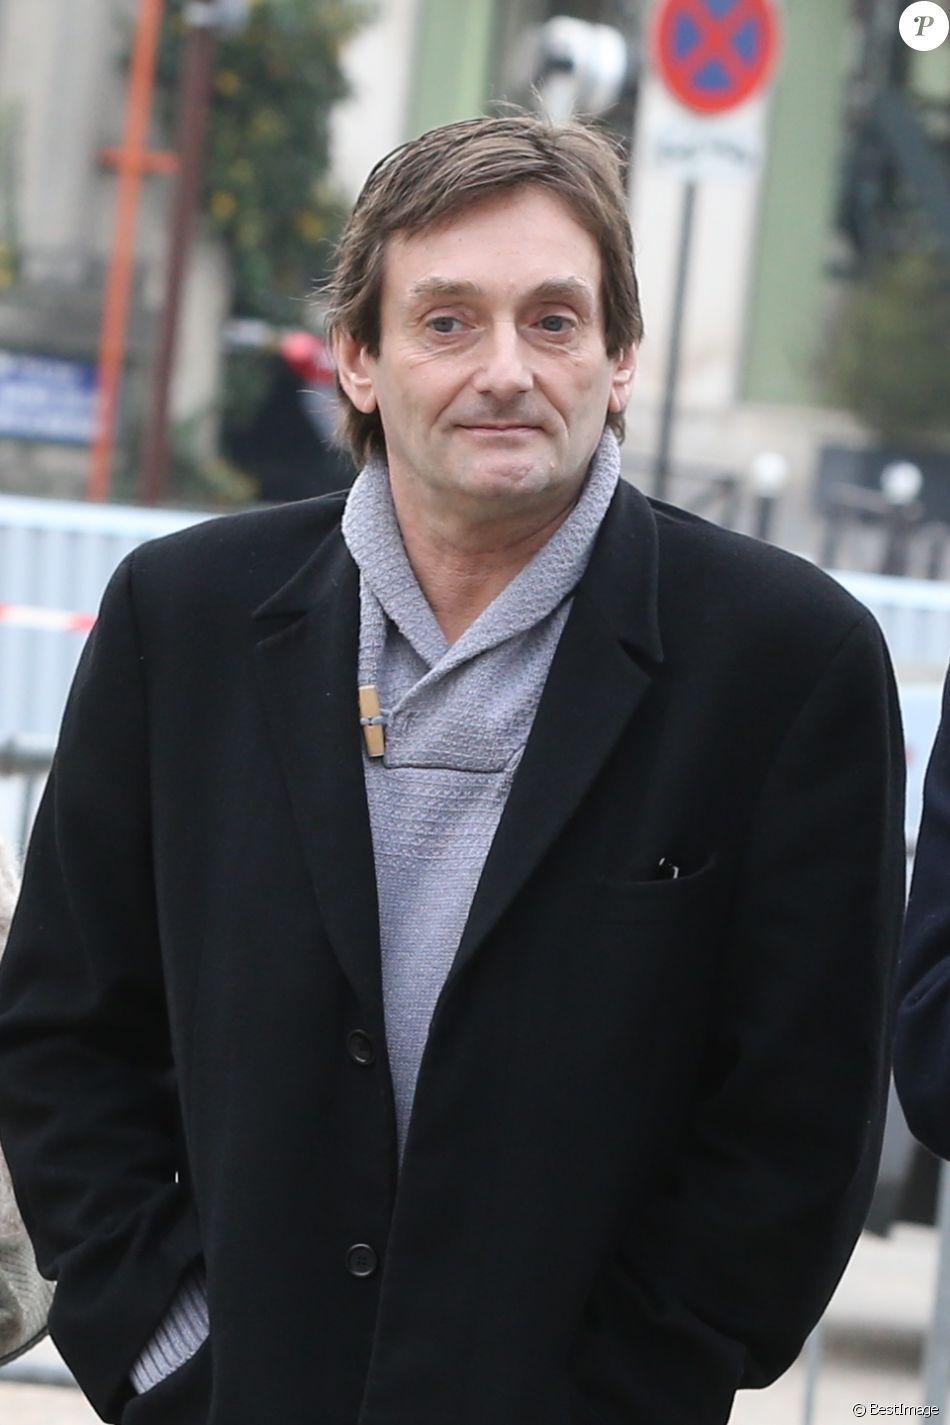 Pierre Palmade lors des obsèques de Véronique Colucci au cimetière communal de Montrouge, le 12 avril 2018.